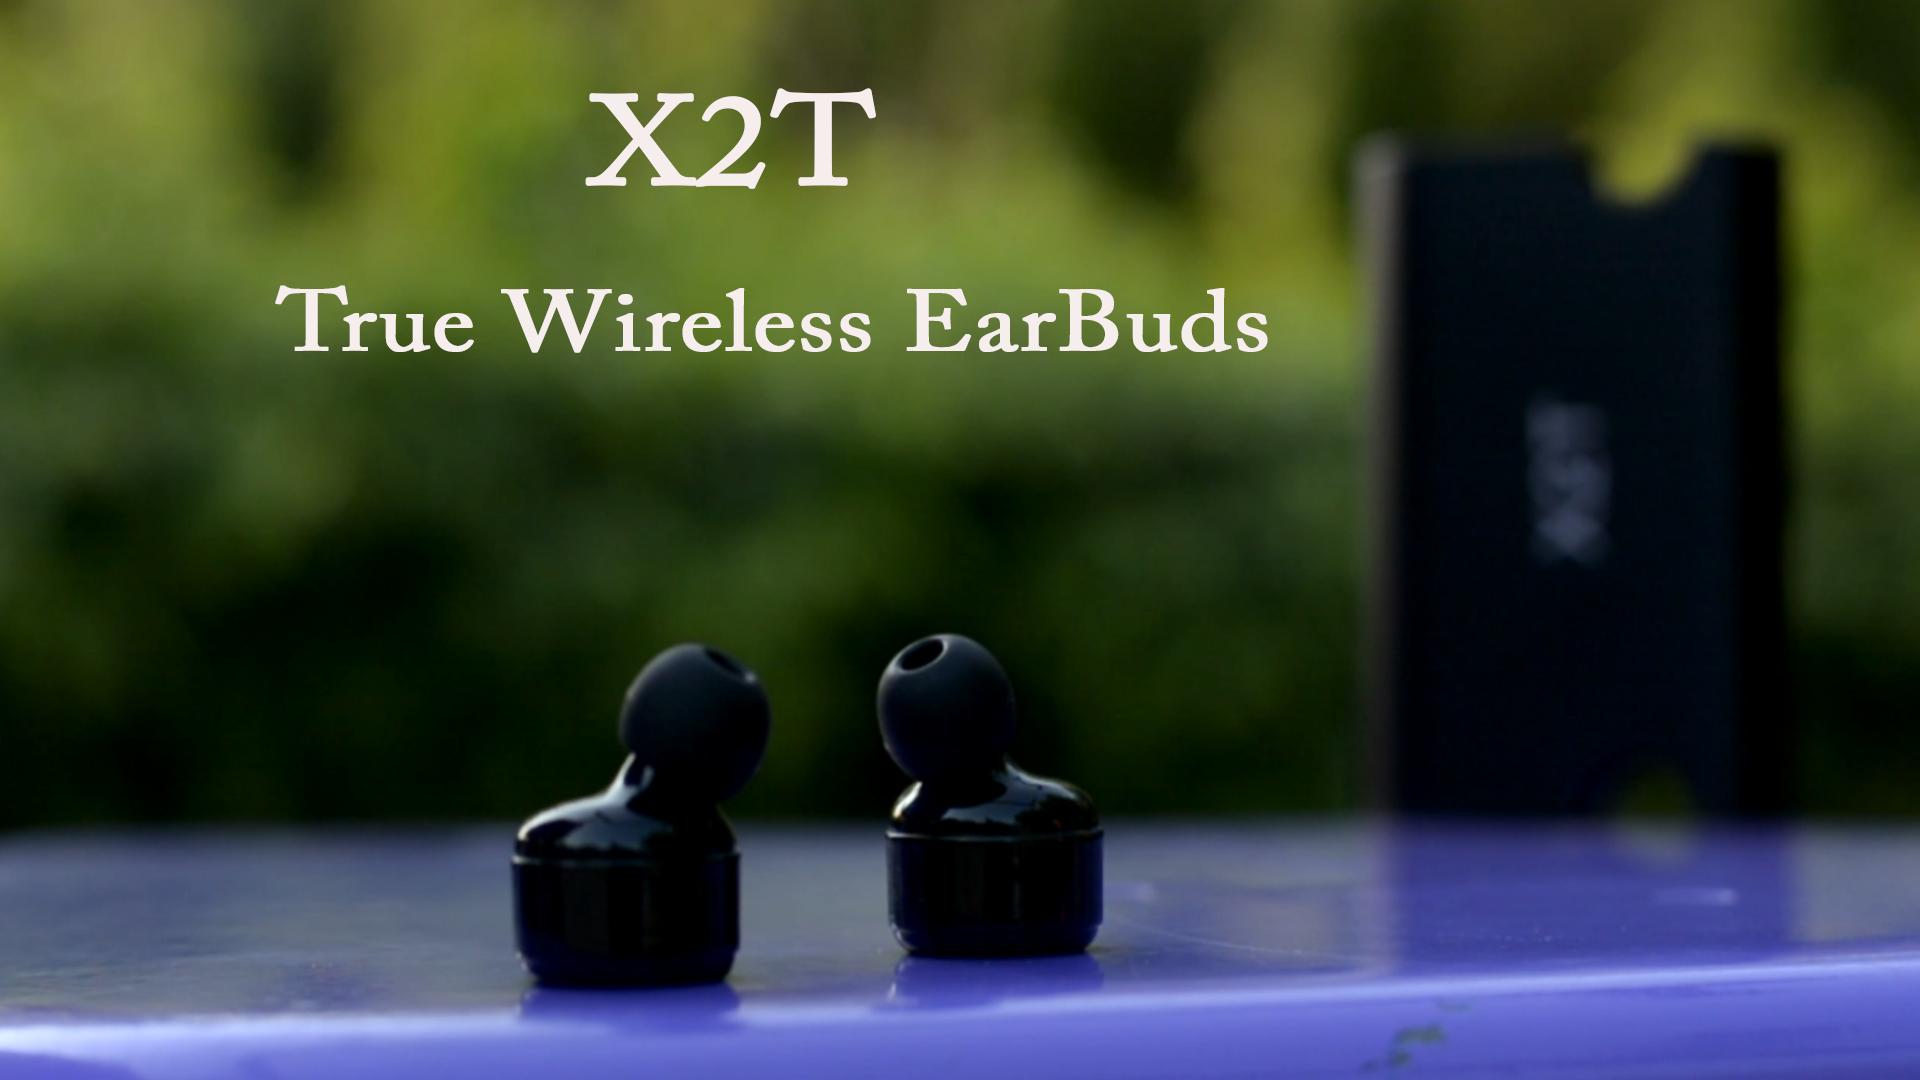 X2T True Wireless Earbuds